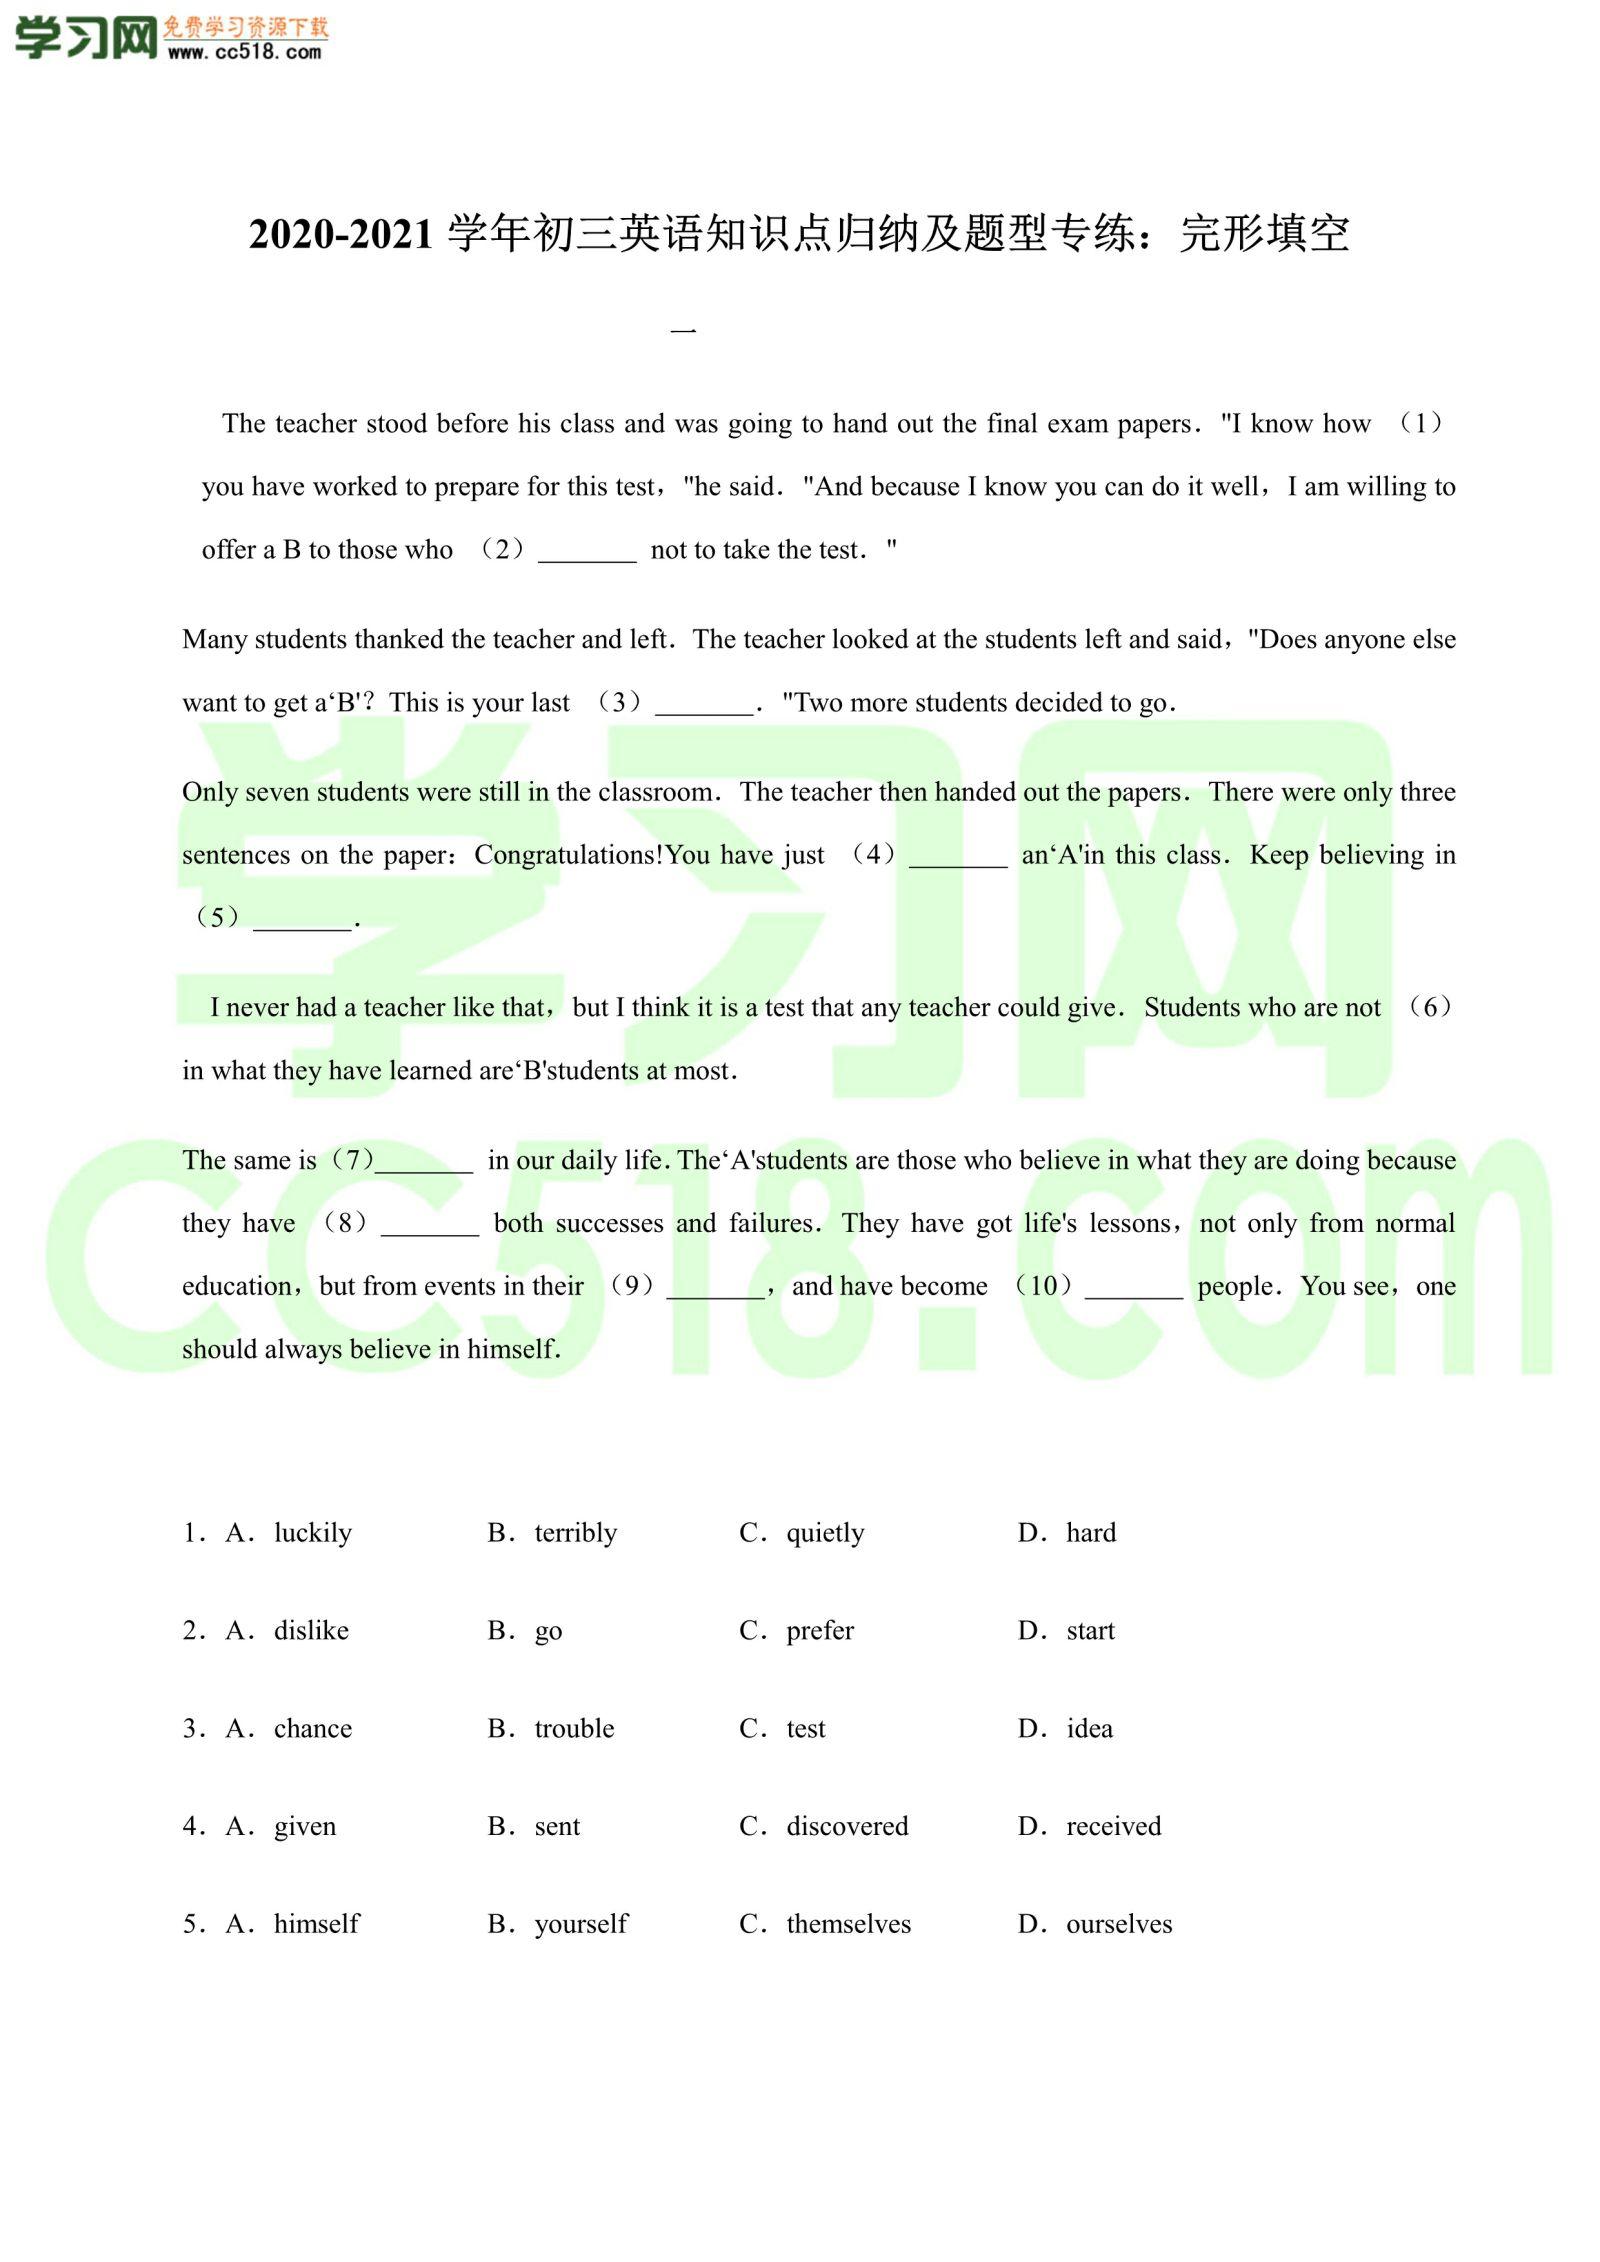 初三英语知识点归纳及题型专练:完形填空